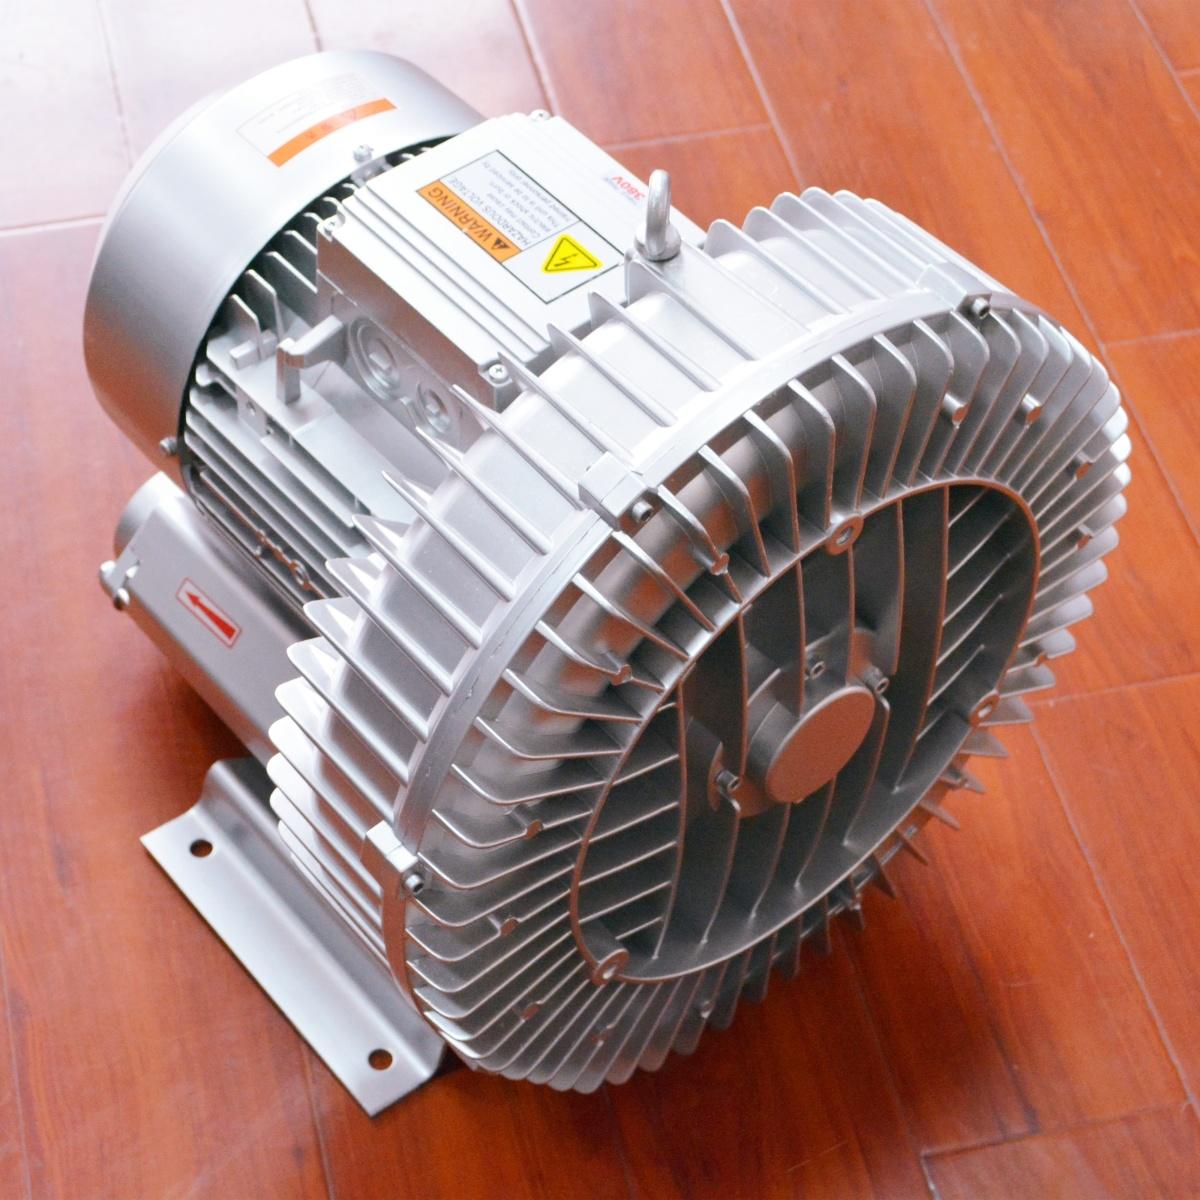 高压鼓风机,纽瑞高压吸风机,RH-710-3高压送风机,高压吸送风机示例图2